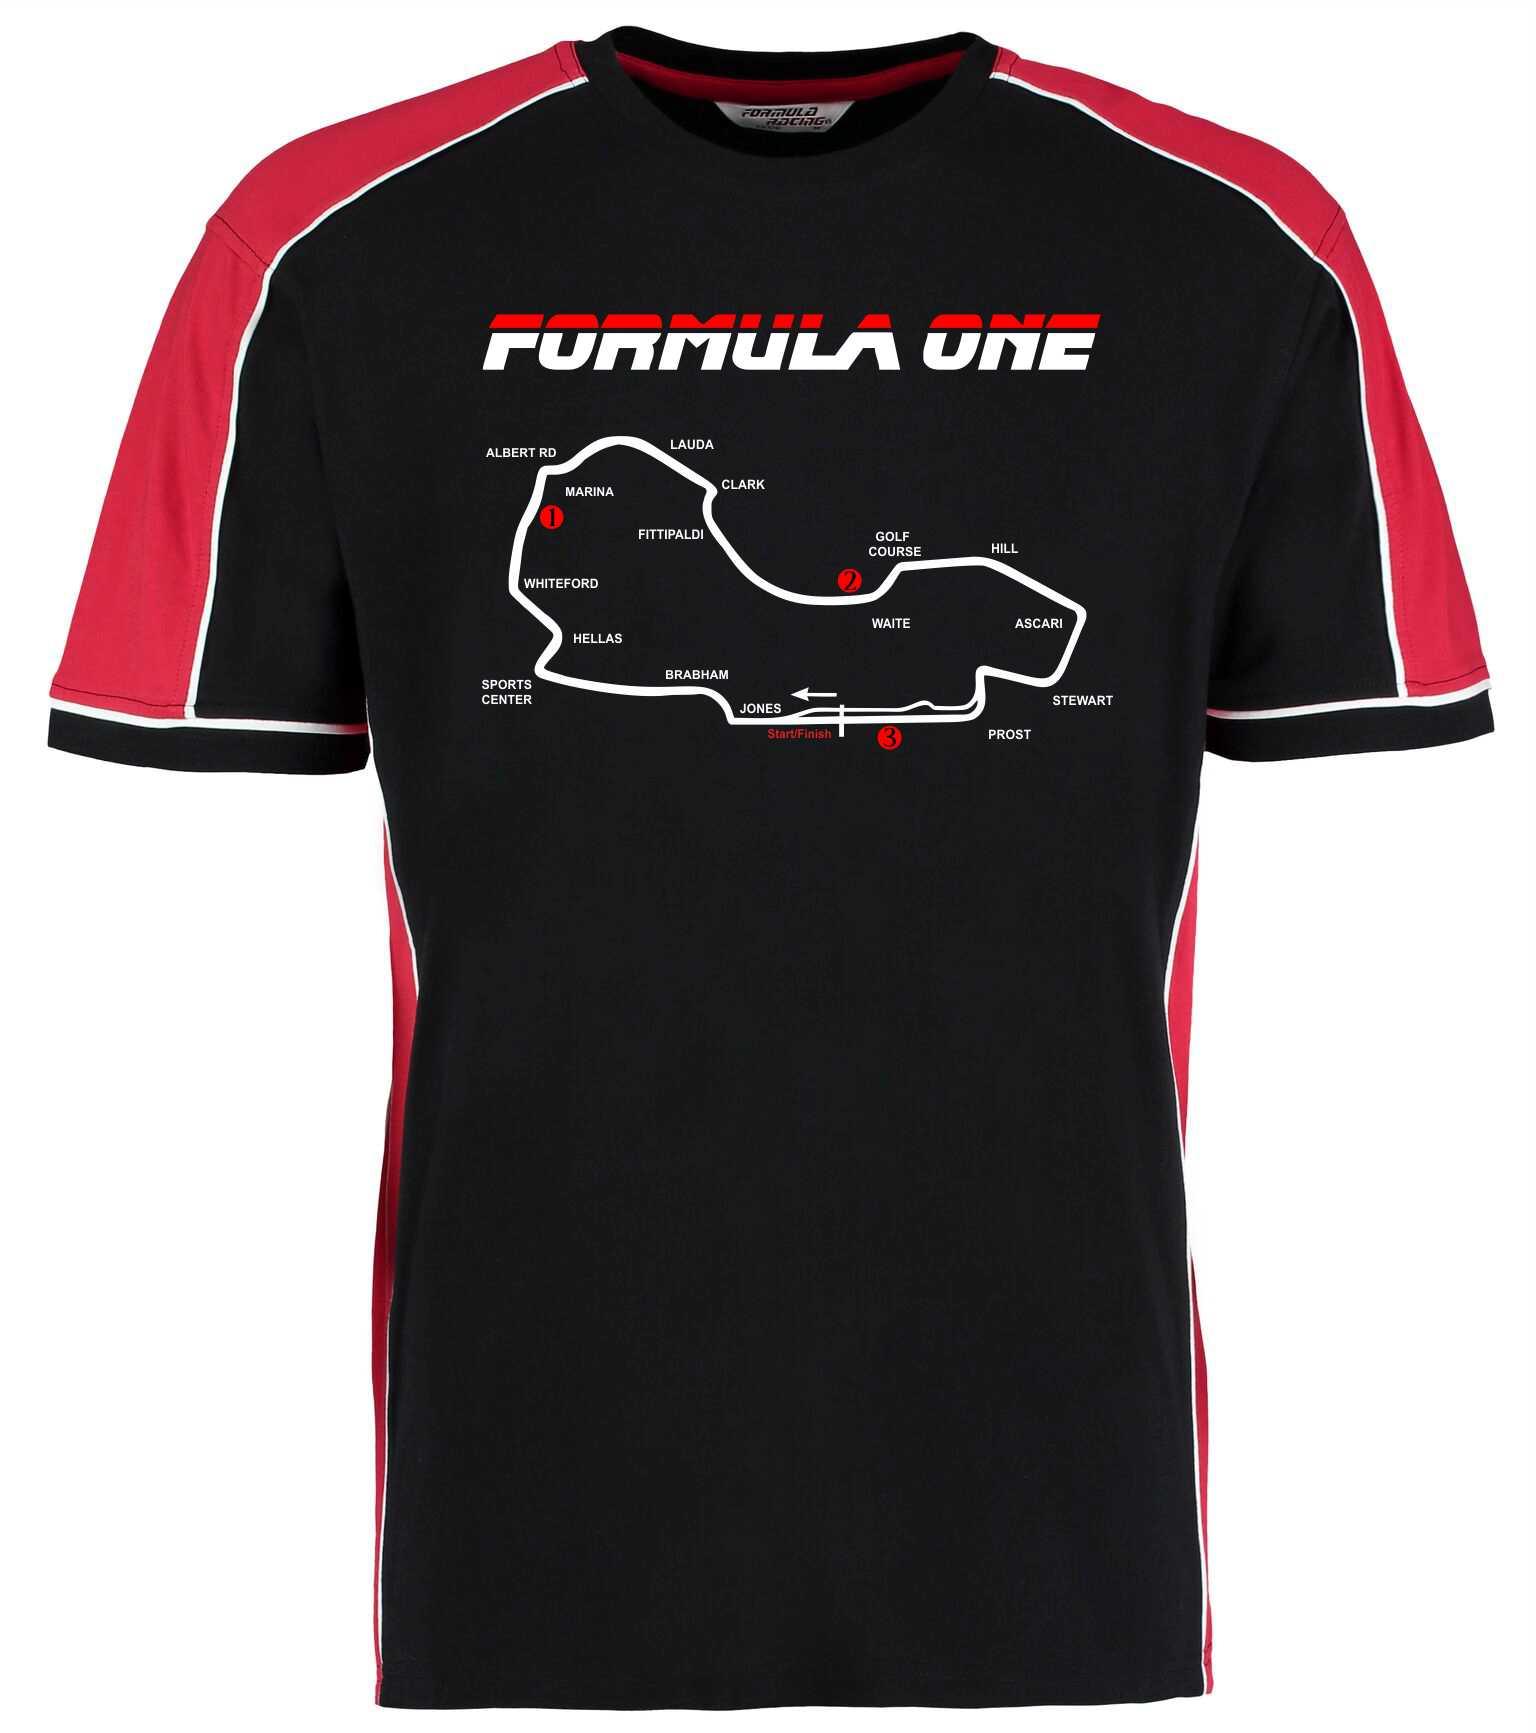 F1 Australia, Melbourne T-Shirt